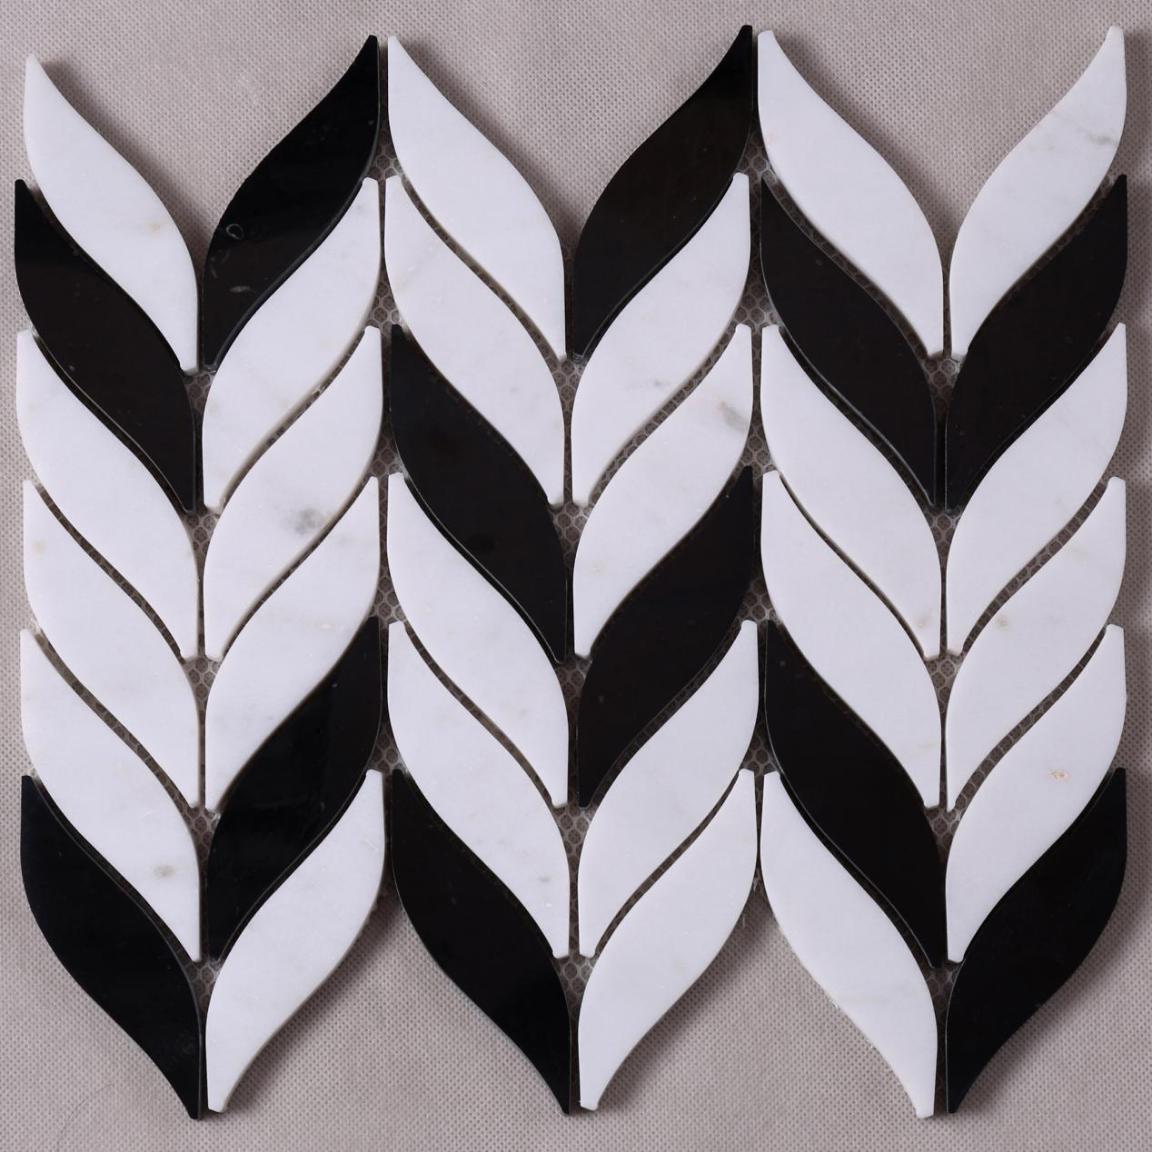 Heng Xing-Custom Marble Backsplash Manufacturer, Pebble Stone Mosaic Tile   Heng Xing-1